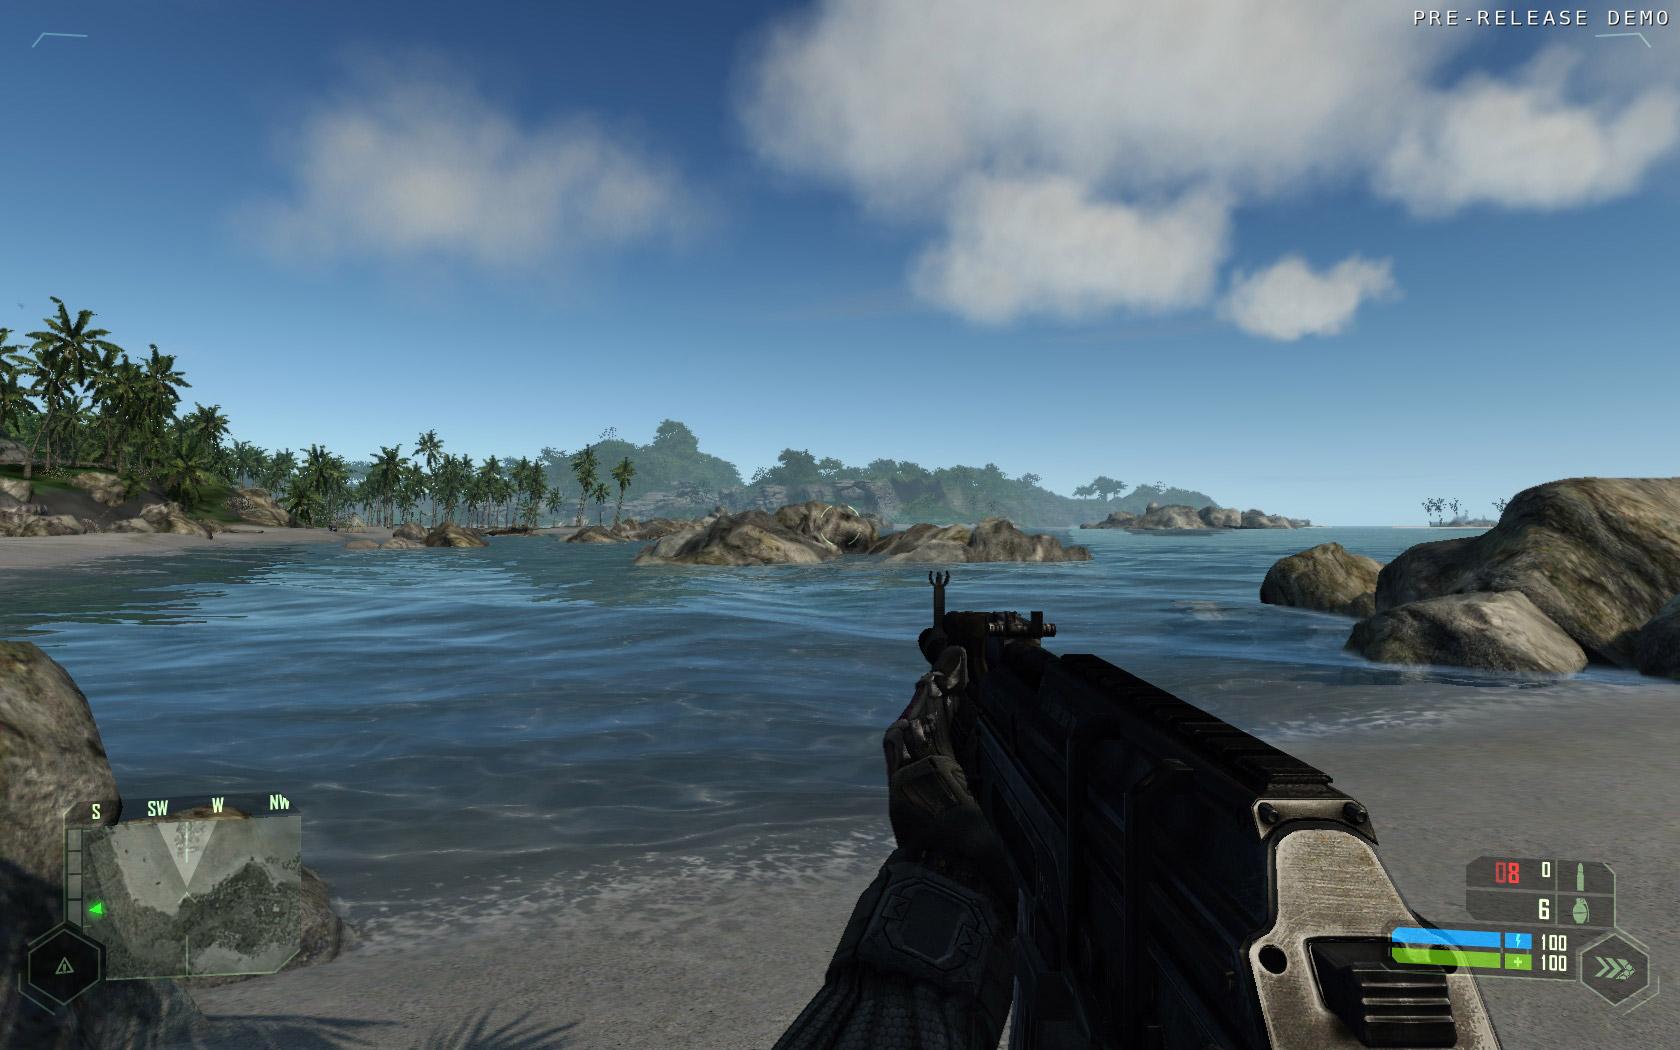 DirectX چیست و چرا کارت گرافیک و بازیها باید از دیرکت ایکس جدید پشتیبانی کند؟